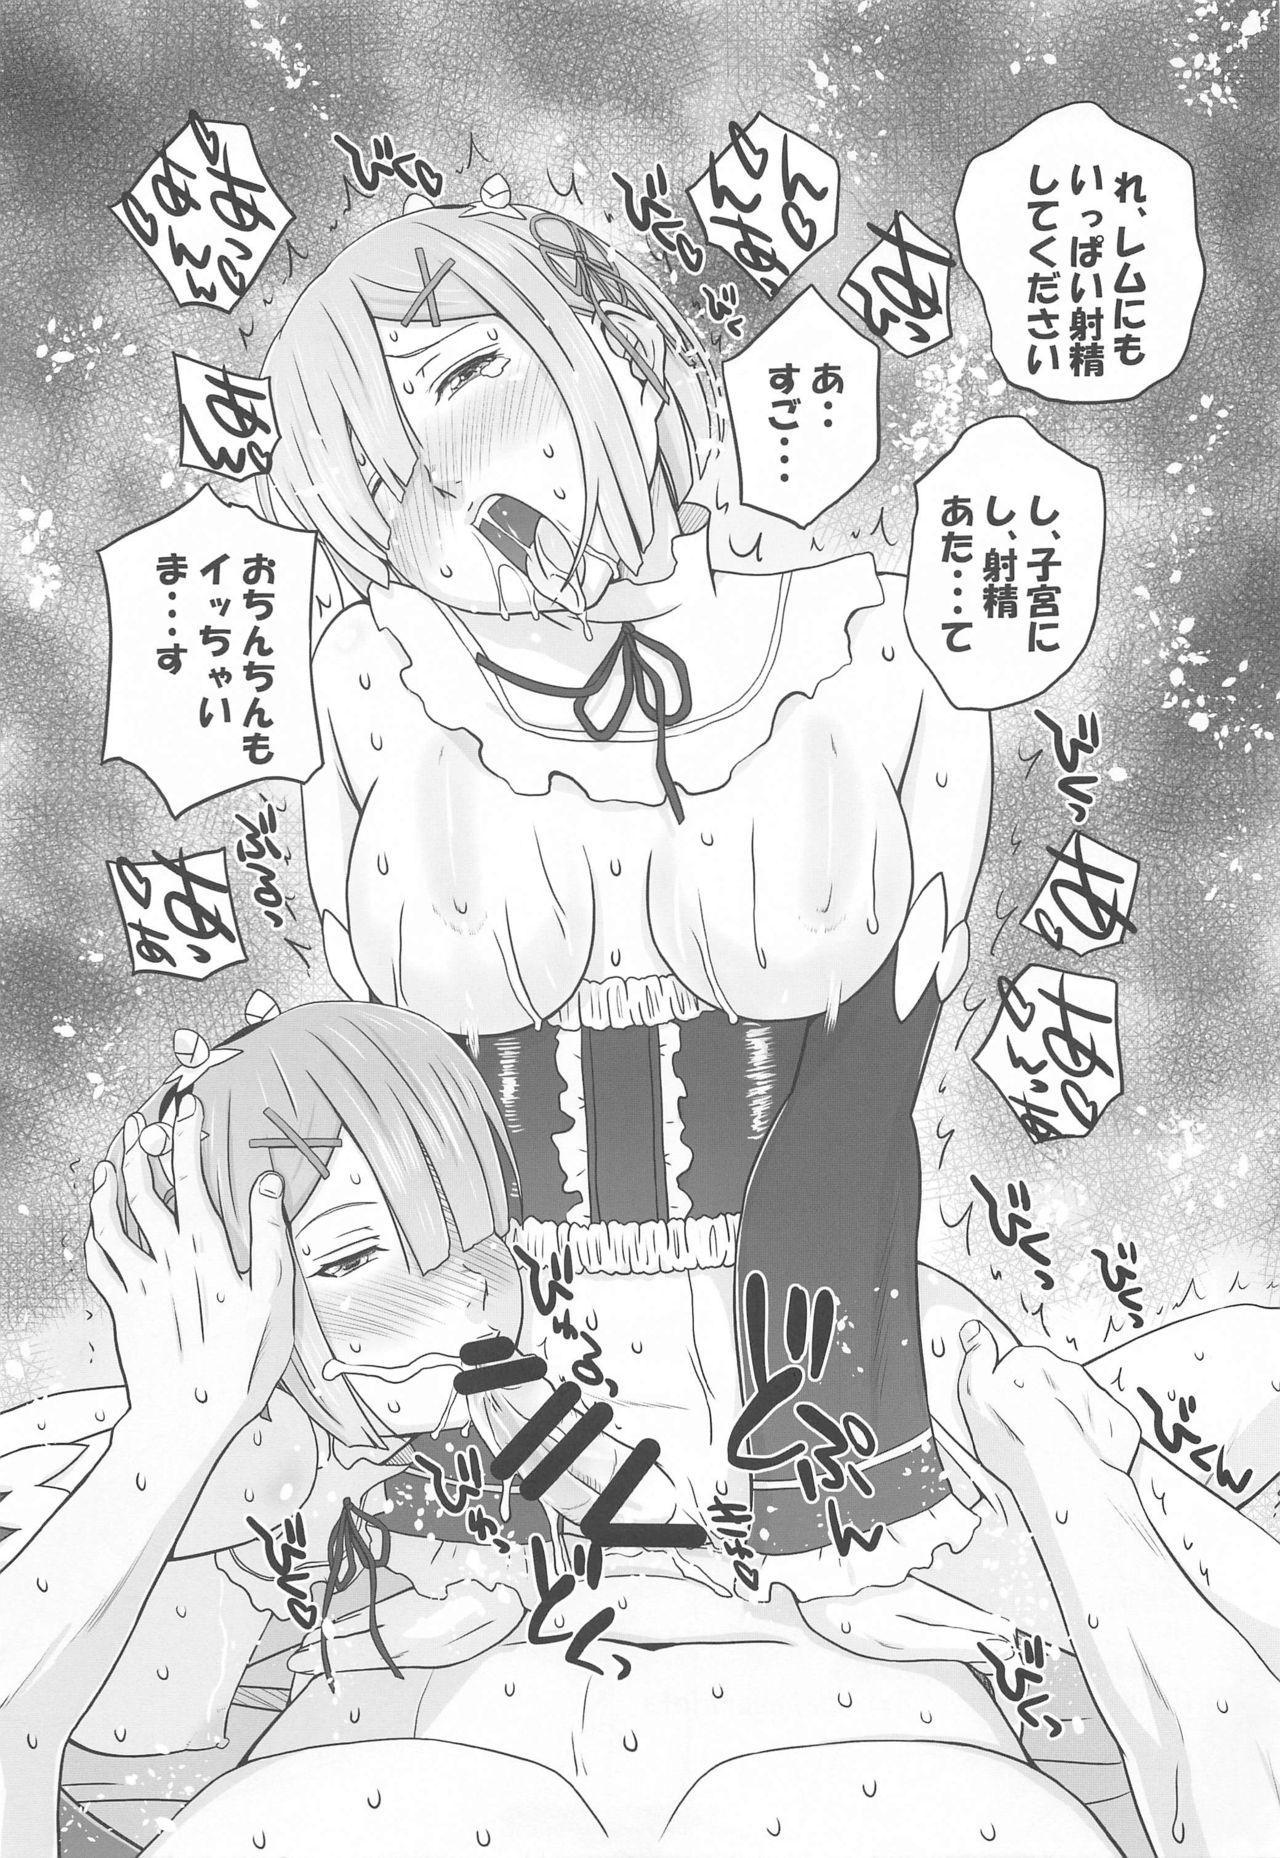 Futanari Futago Maid to 3P Dekiru Omise ga Sugokatta Ken 15